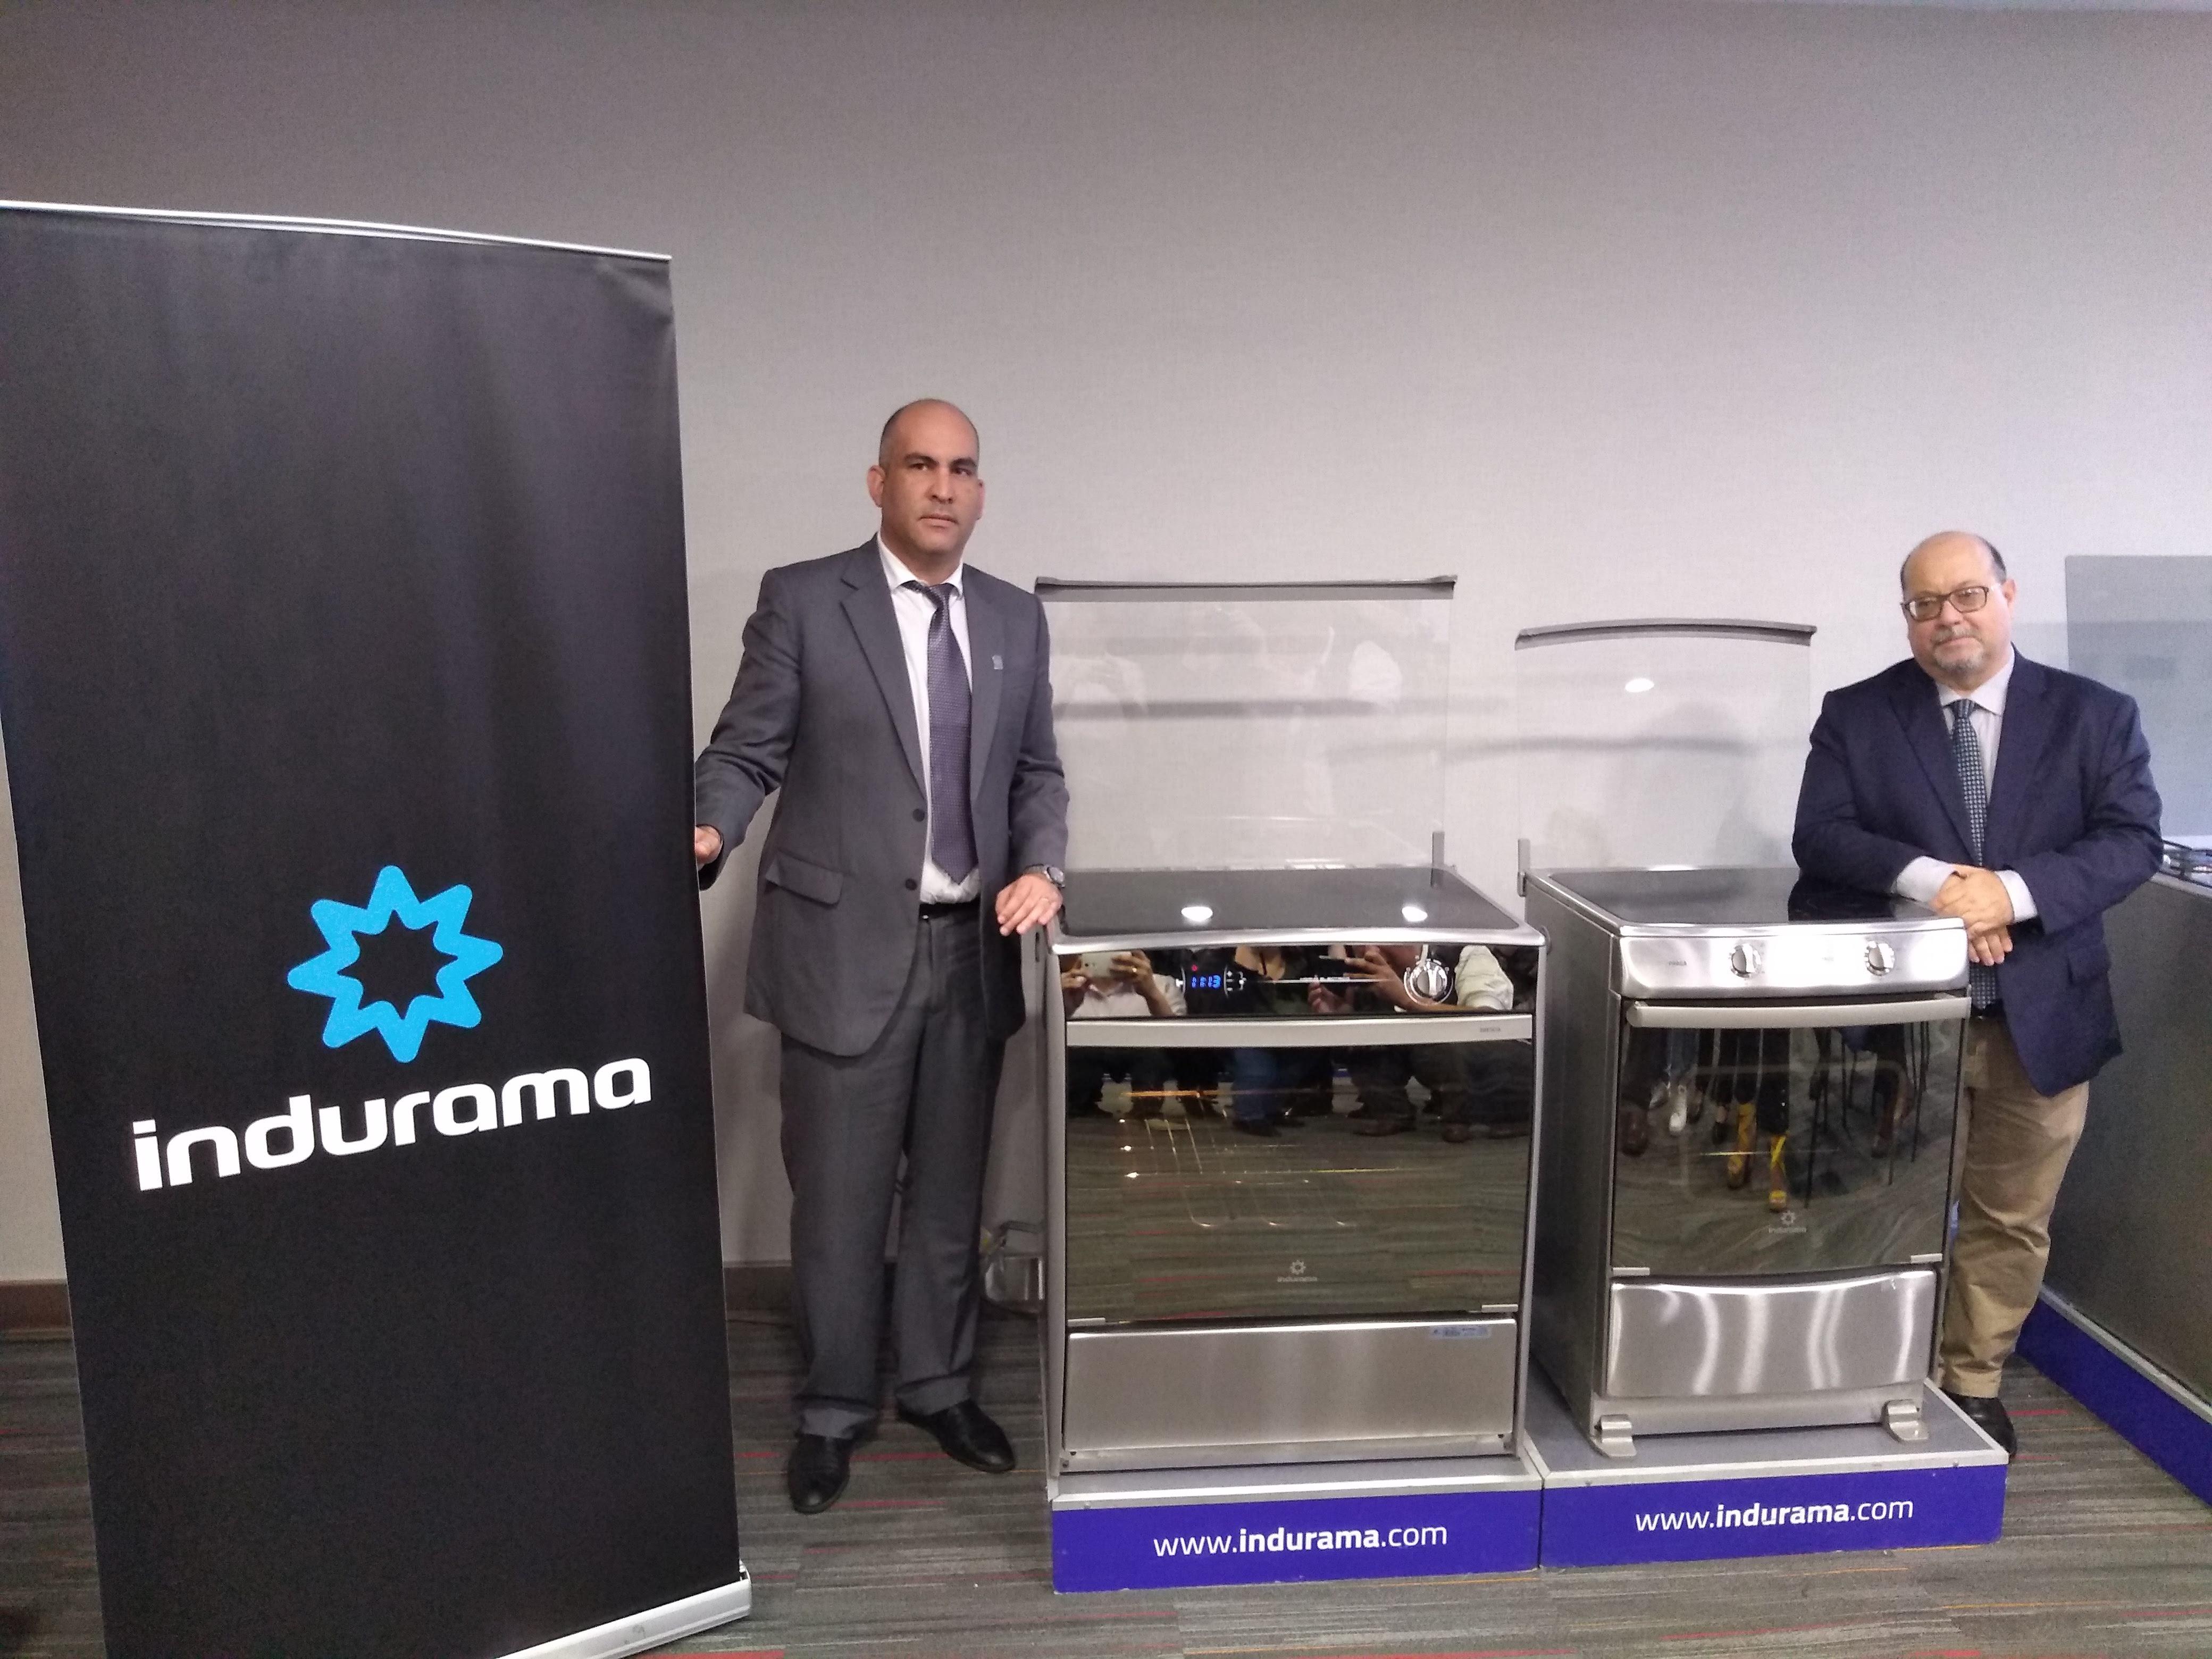 Indurama desarrolla categoría de cocinas con renovación de línea Quarzo Plus y nuevos modelos de inducción